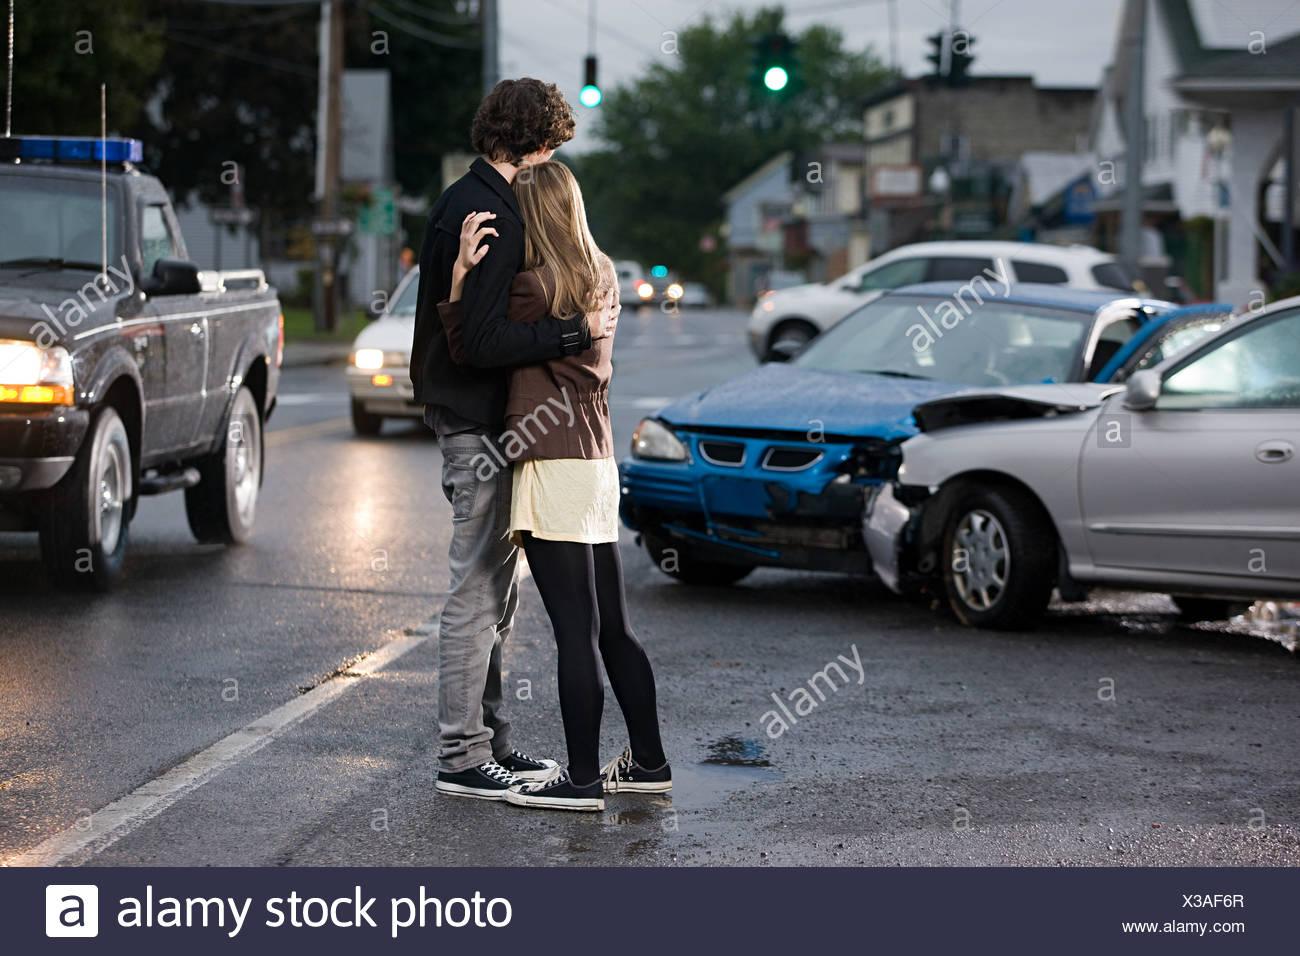 Junges Paar abgestürzte Autos betrachten Stockbild